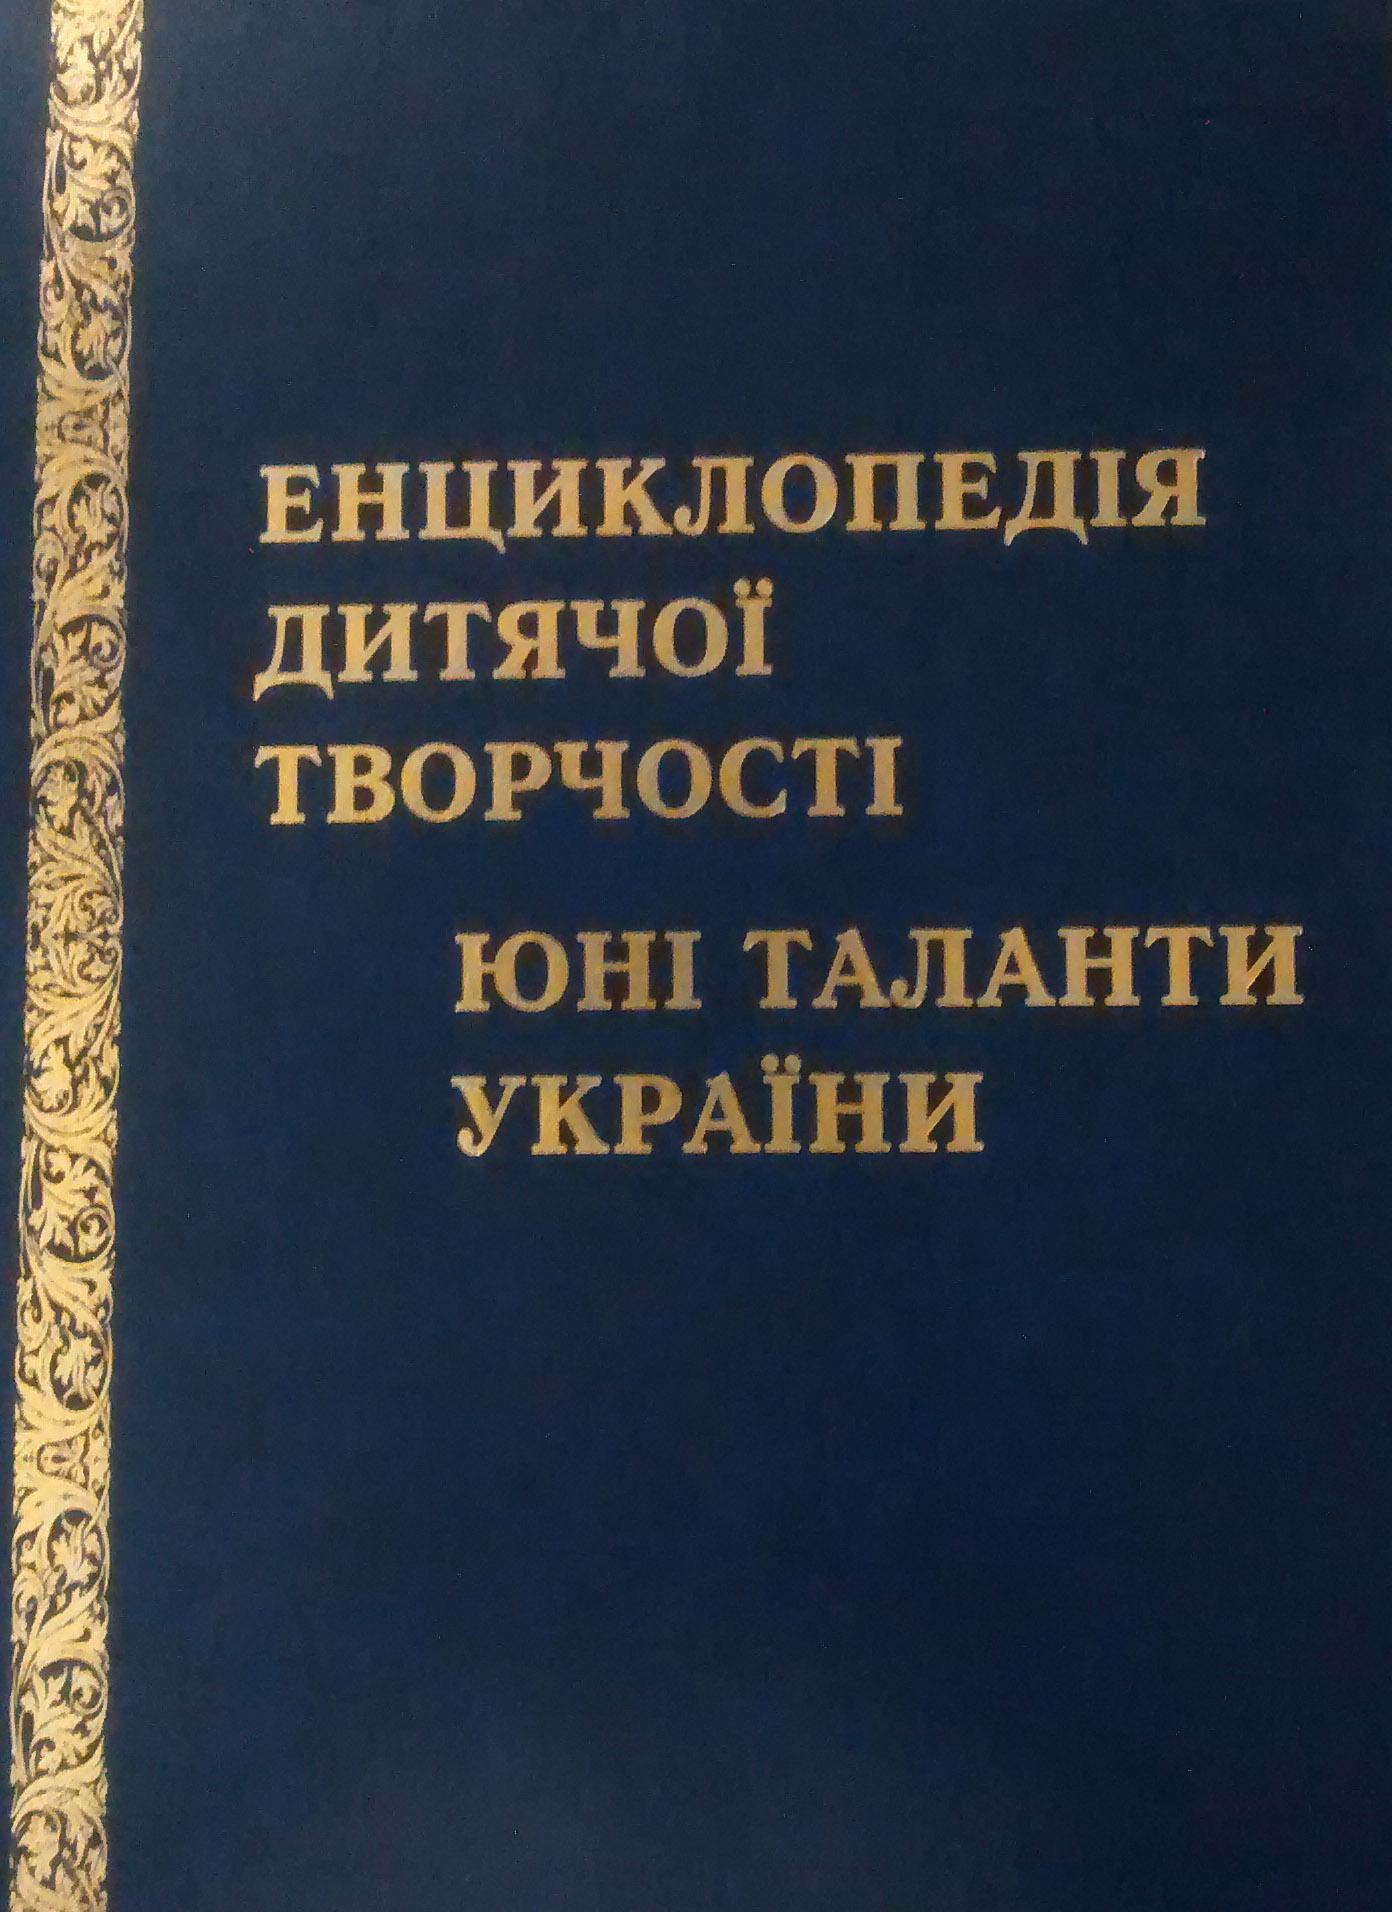 Енциклопедія дитячої творчості. Юні таланти України